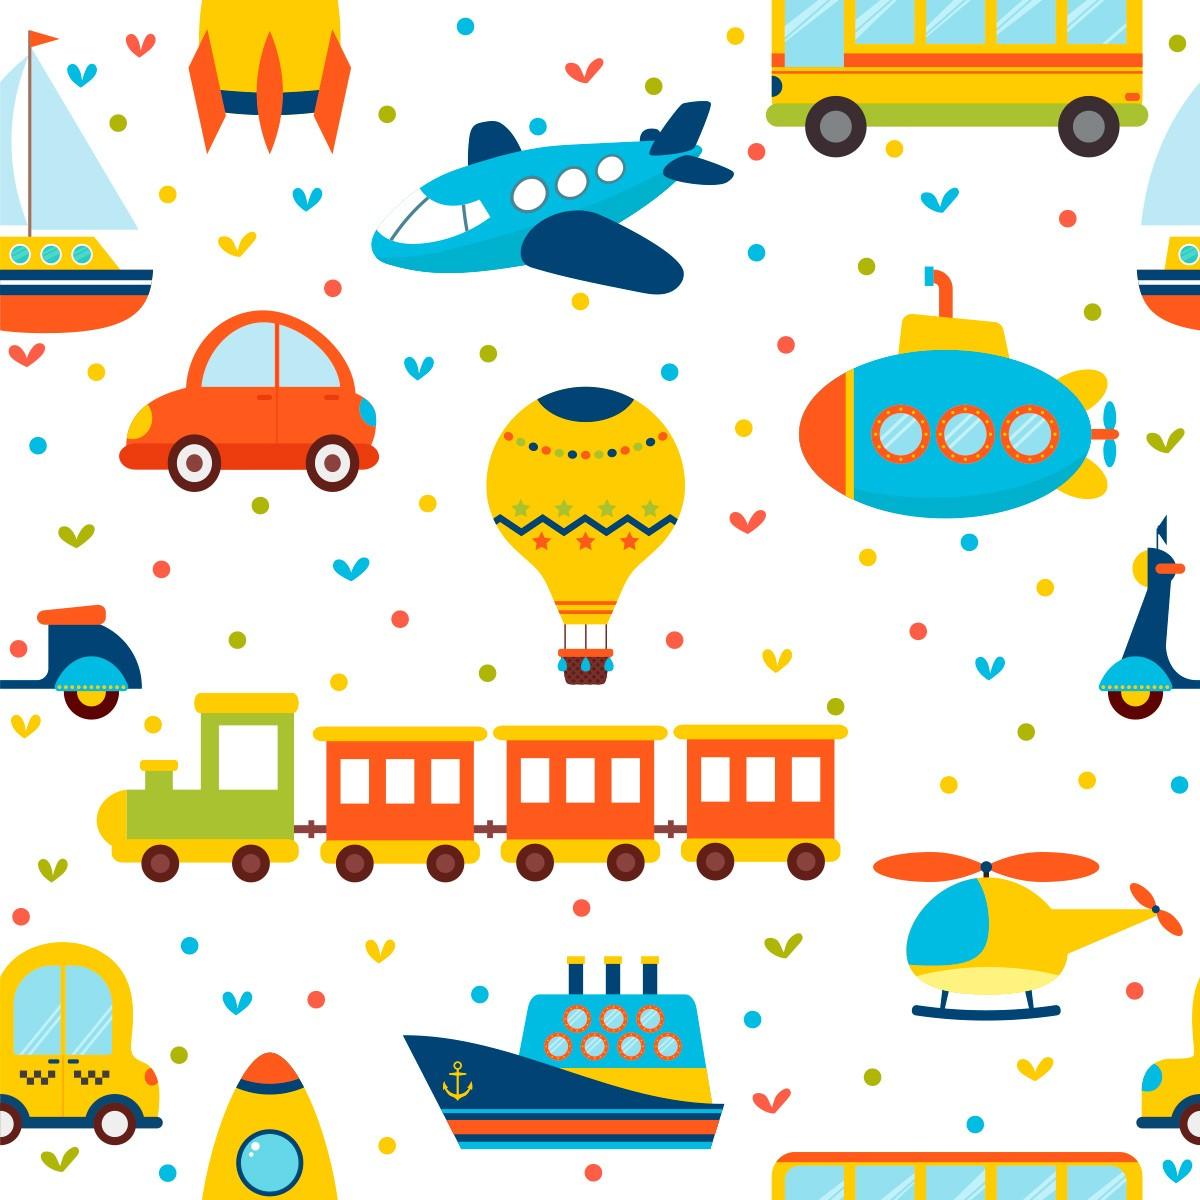 Papel de Parede Brinquedos Kids Balão Trenzinho Foguetes Adesivo